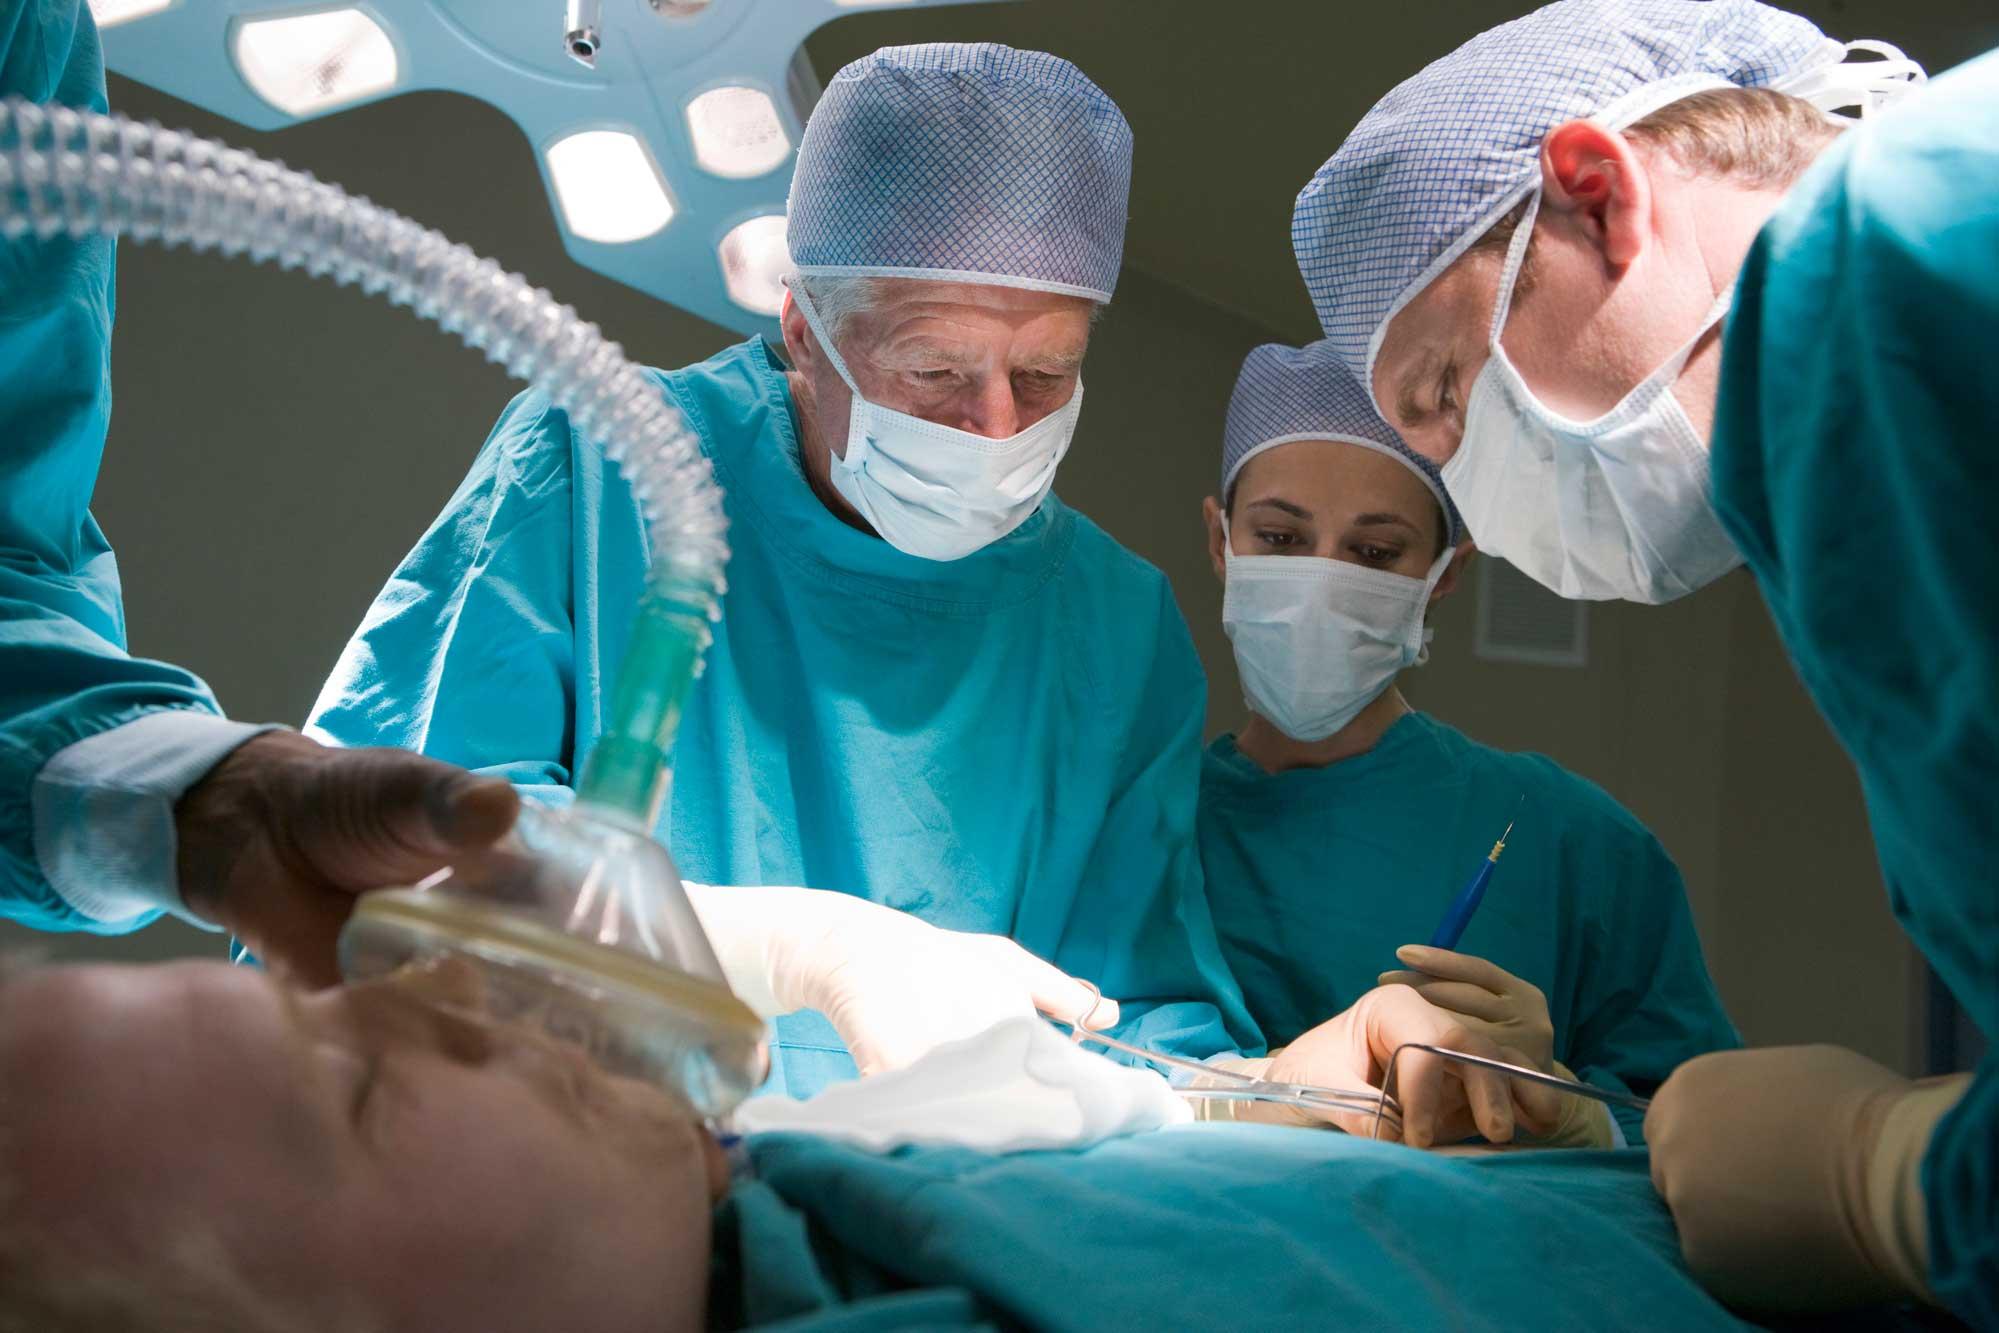 ¿Dónde me opero del corazón? Miguel Such. Cirujano cardiovascular